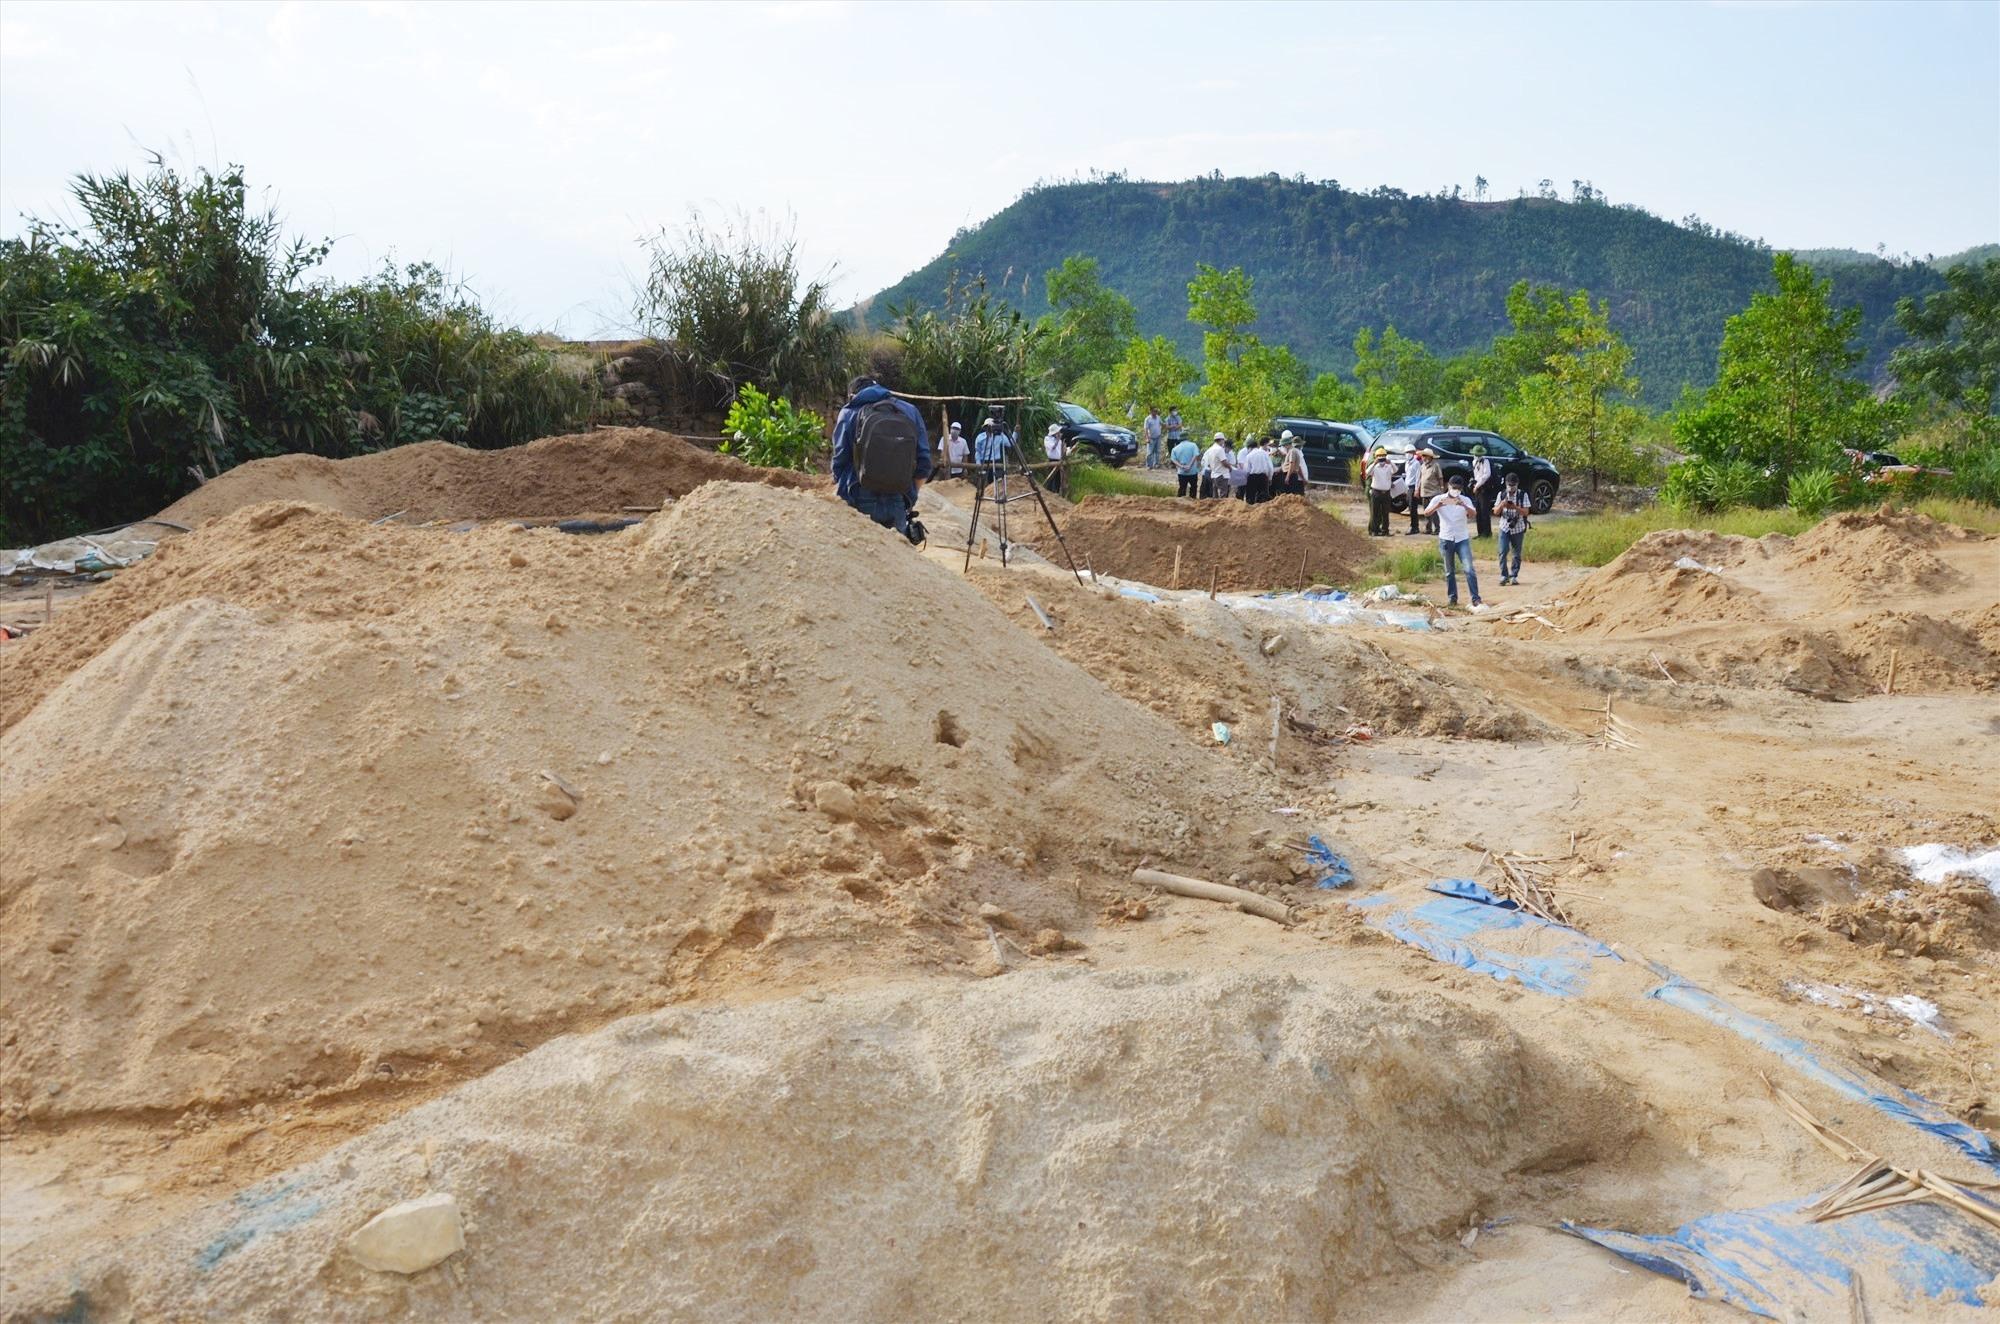 Ngổn ngang hiện trường khai thác vàng tại một vị trí mỏ vàng Bồng Miêu. Ảnh: H.P